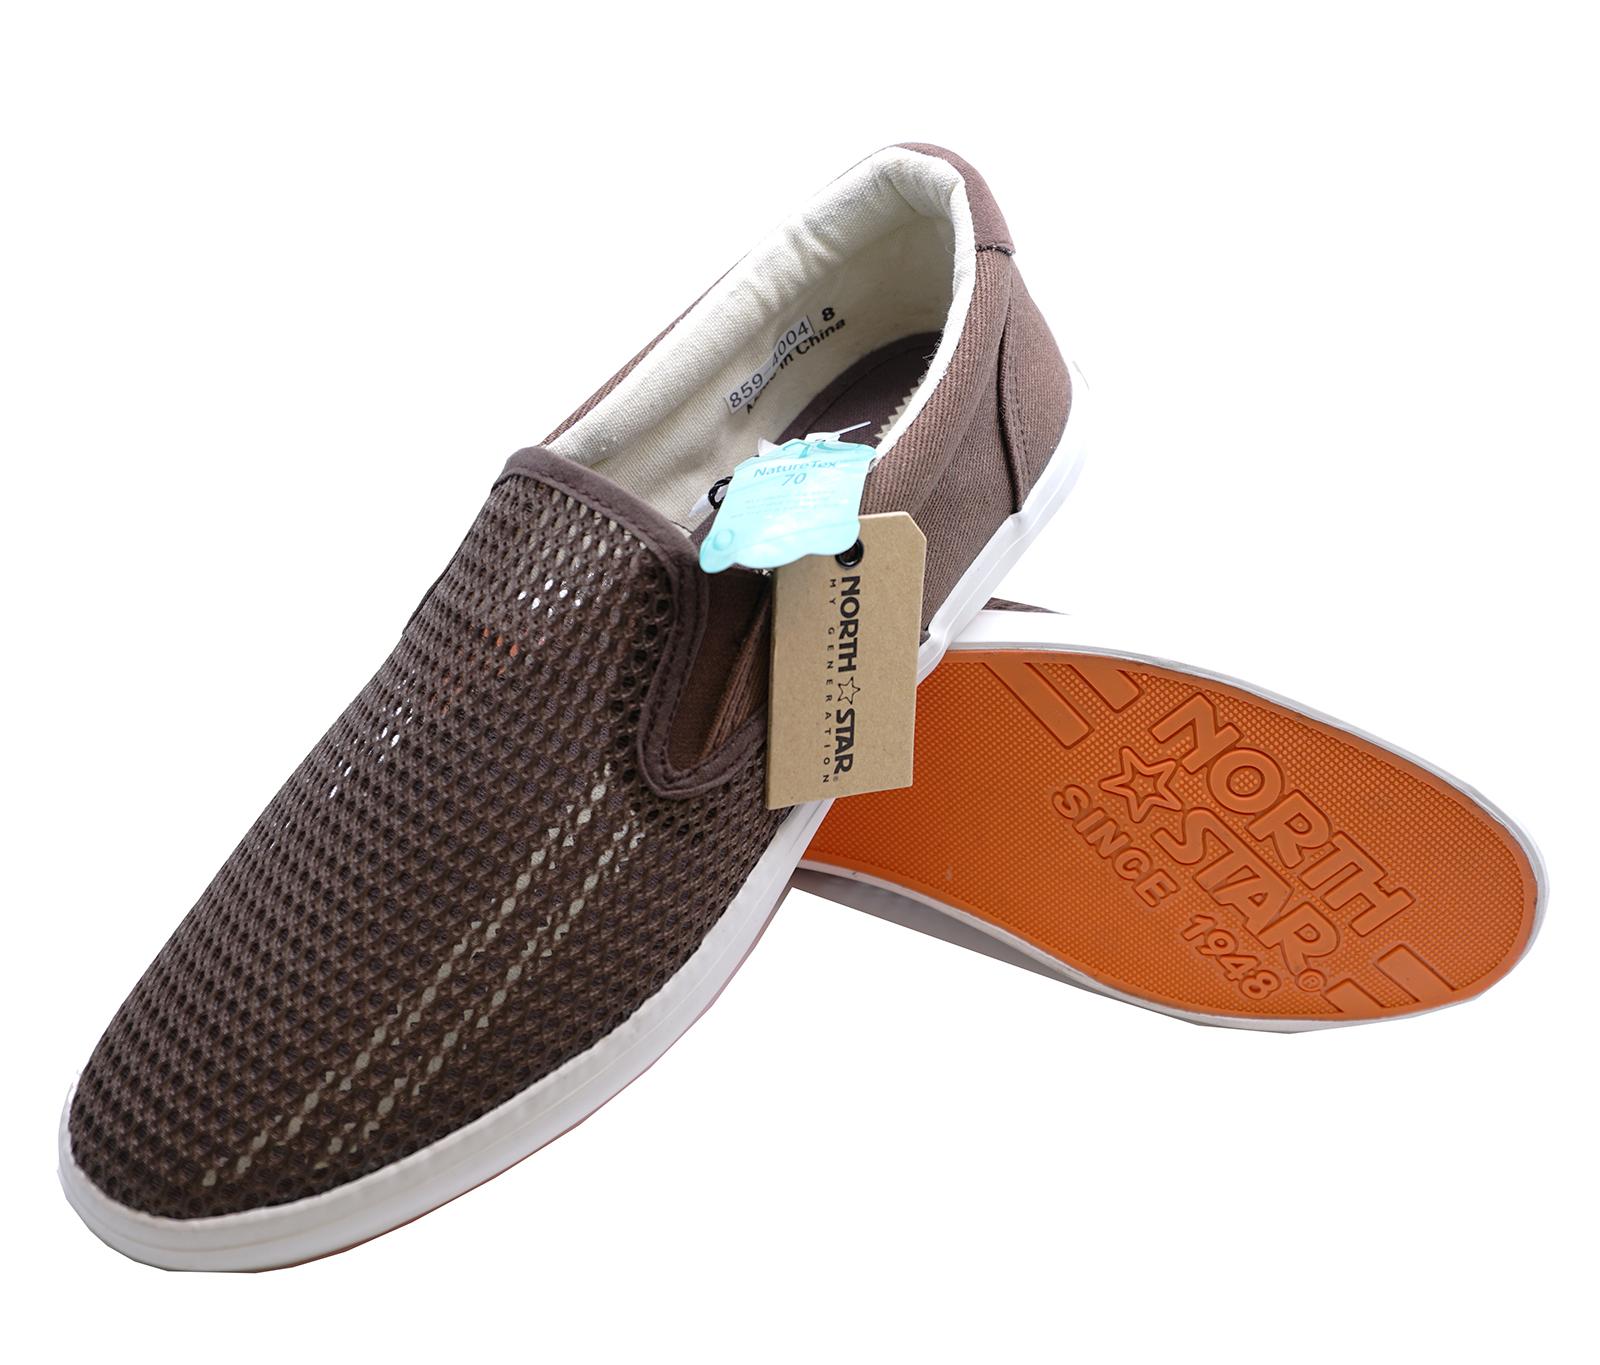 Homme Slip-on Marron Plat Baskets Lacets Escarpins Casual Deck Driving Shoes UK 6-11